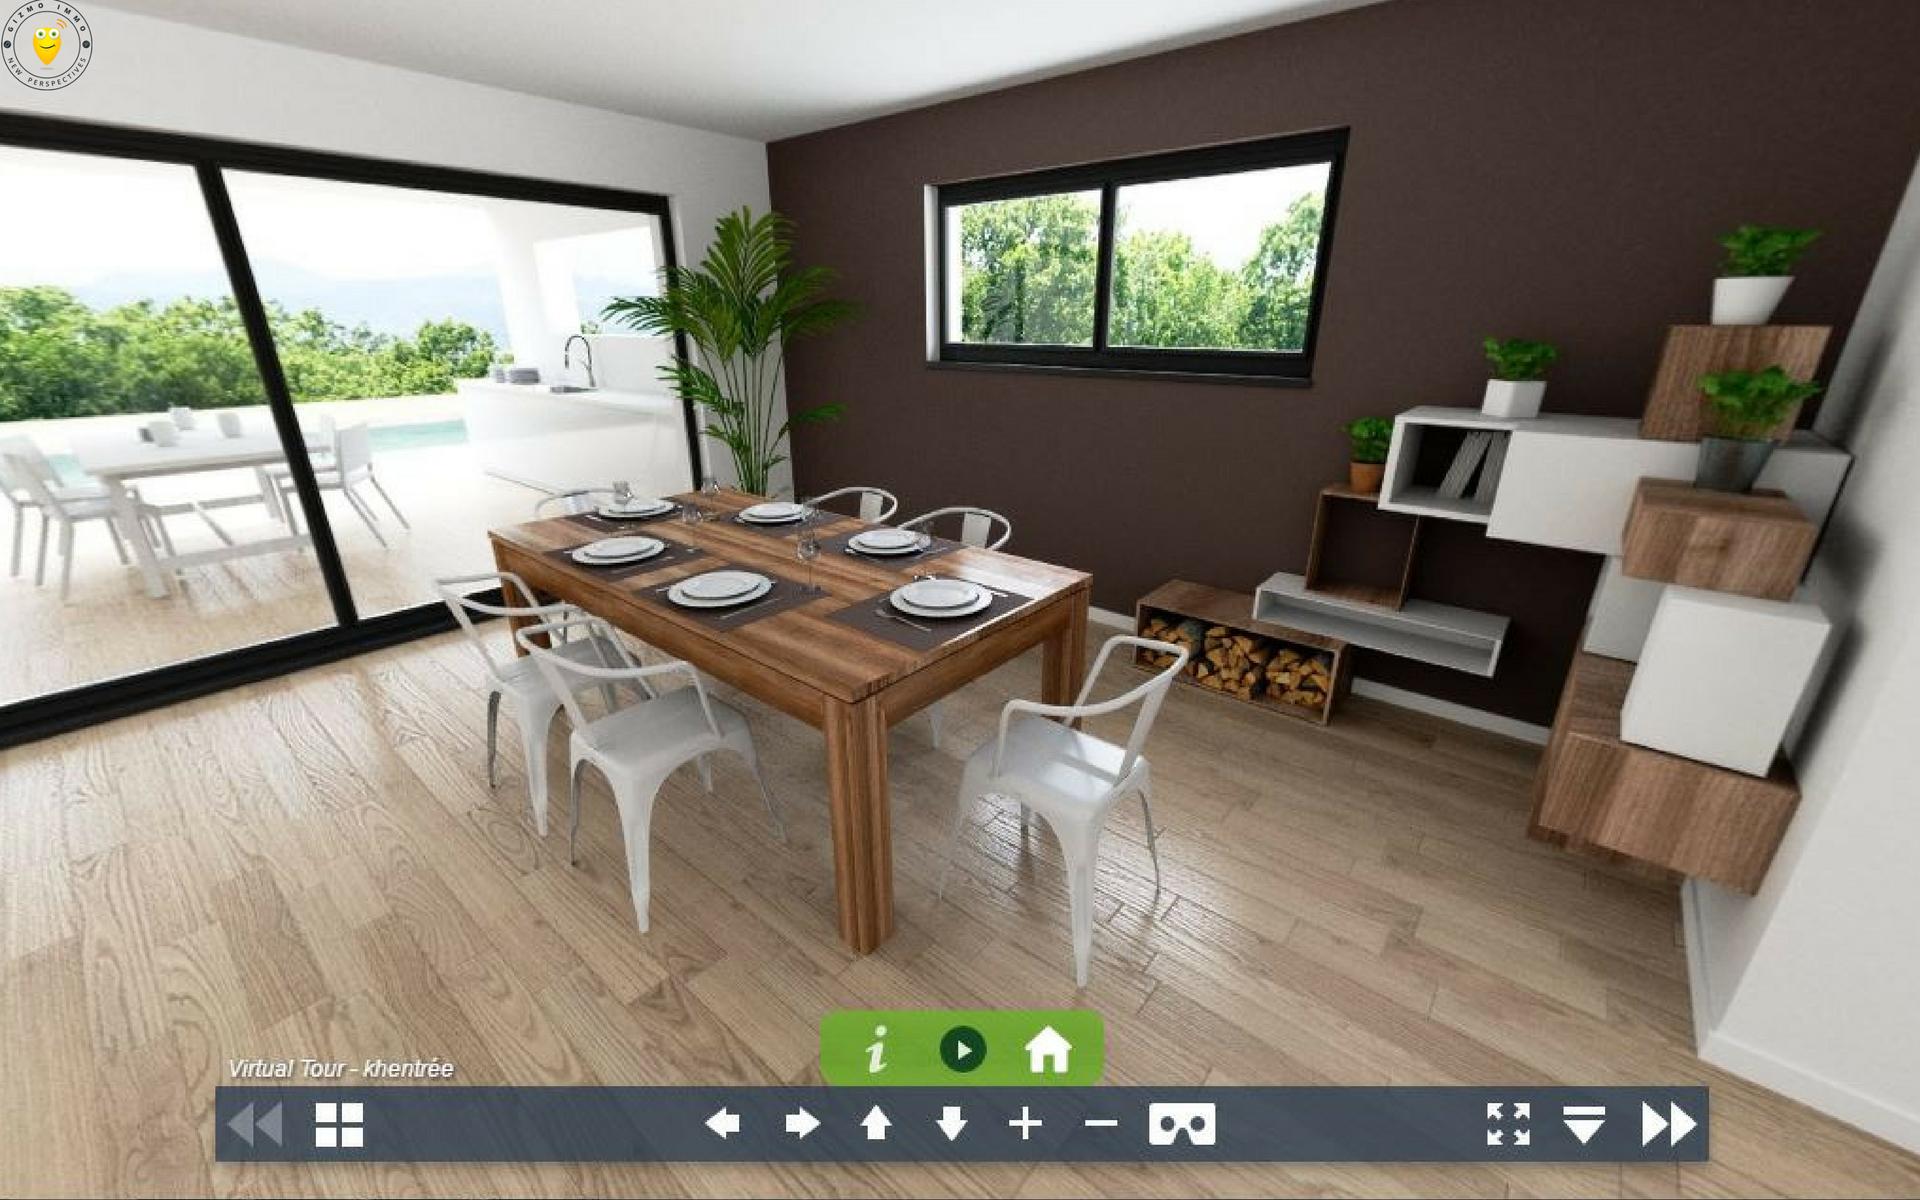 Maison Crisalis ★ Maison individuelle ★ Complete 3D ...